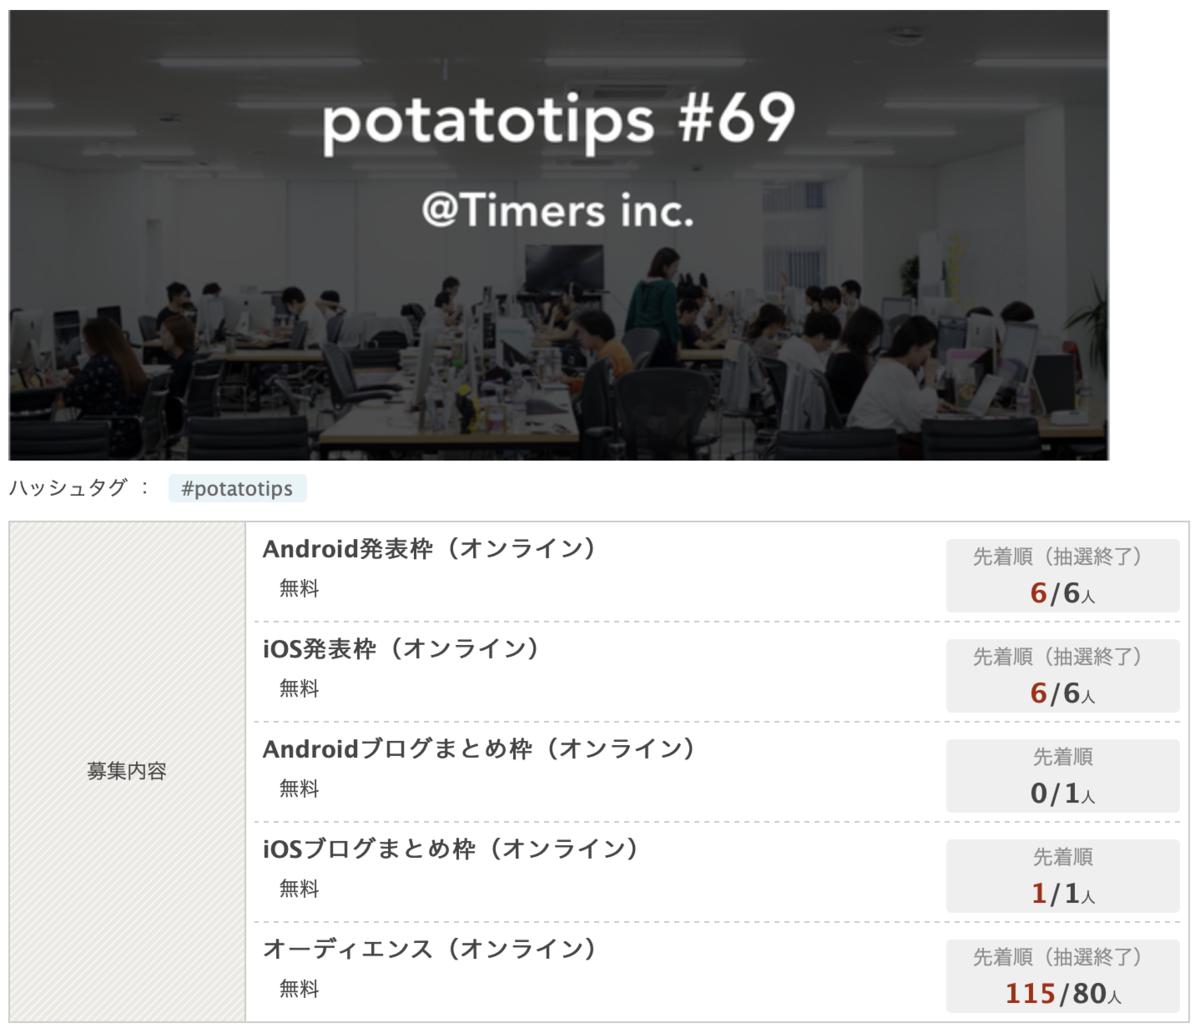 f:id:akatsuki174:20200505122128p:plain:w600